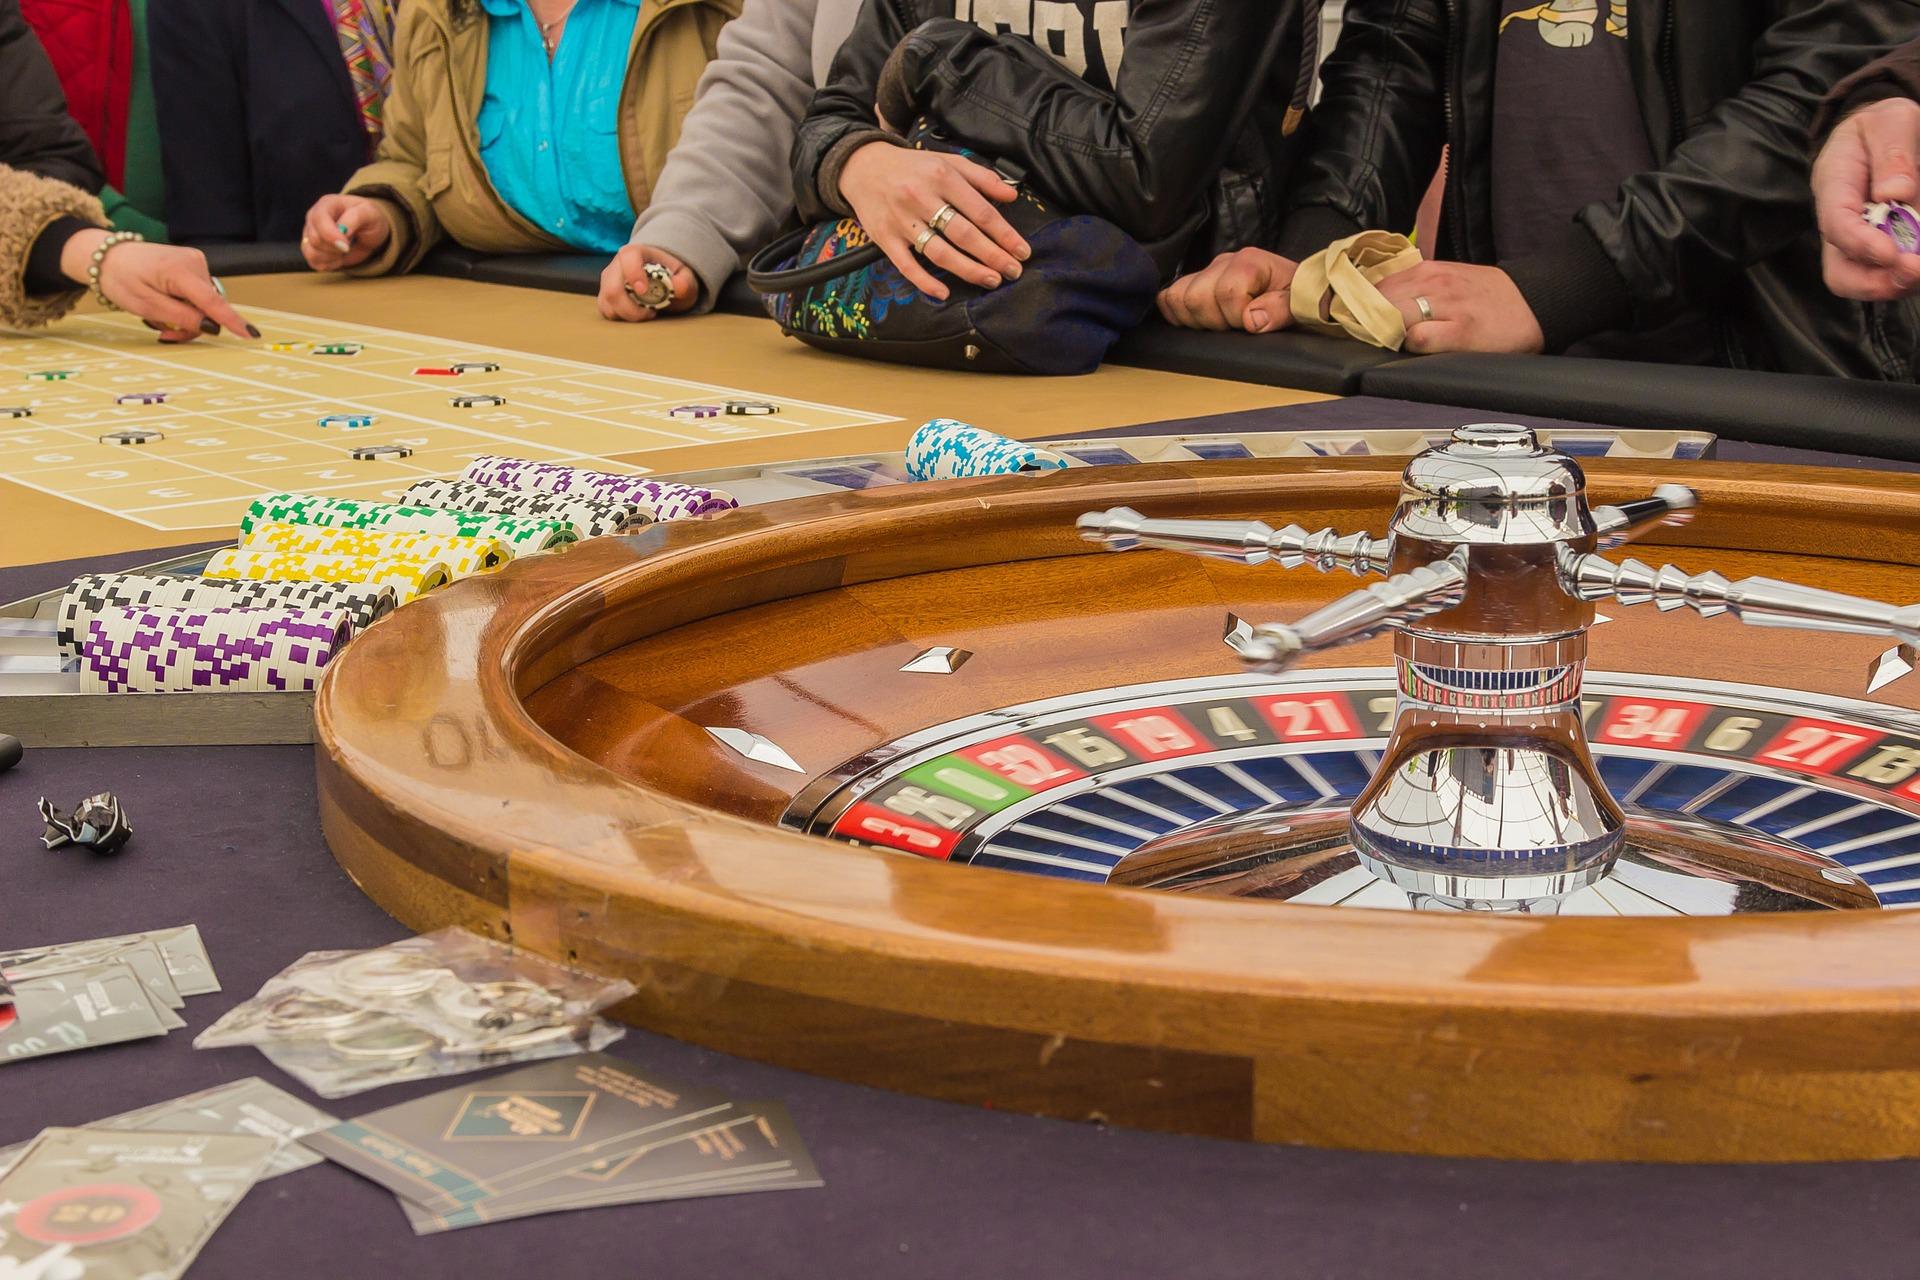 roulette-1253624_1920